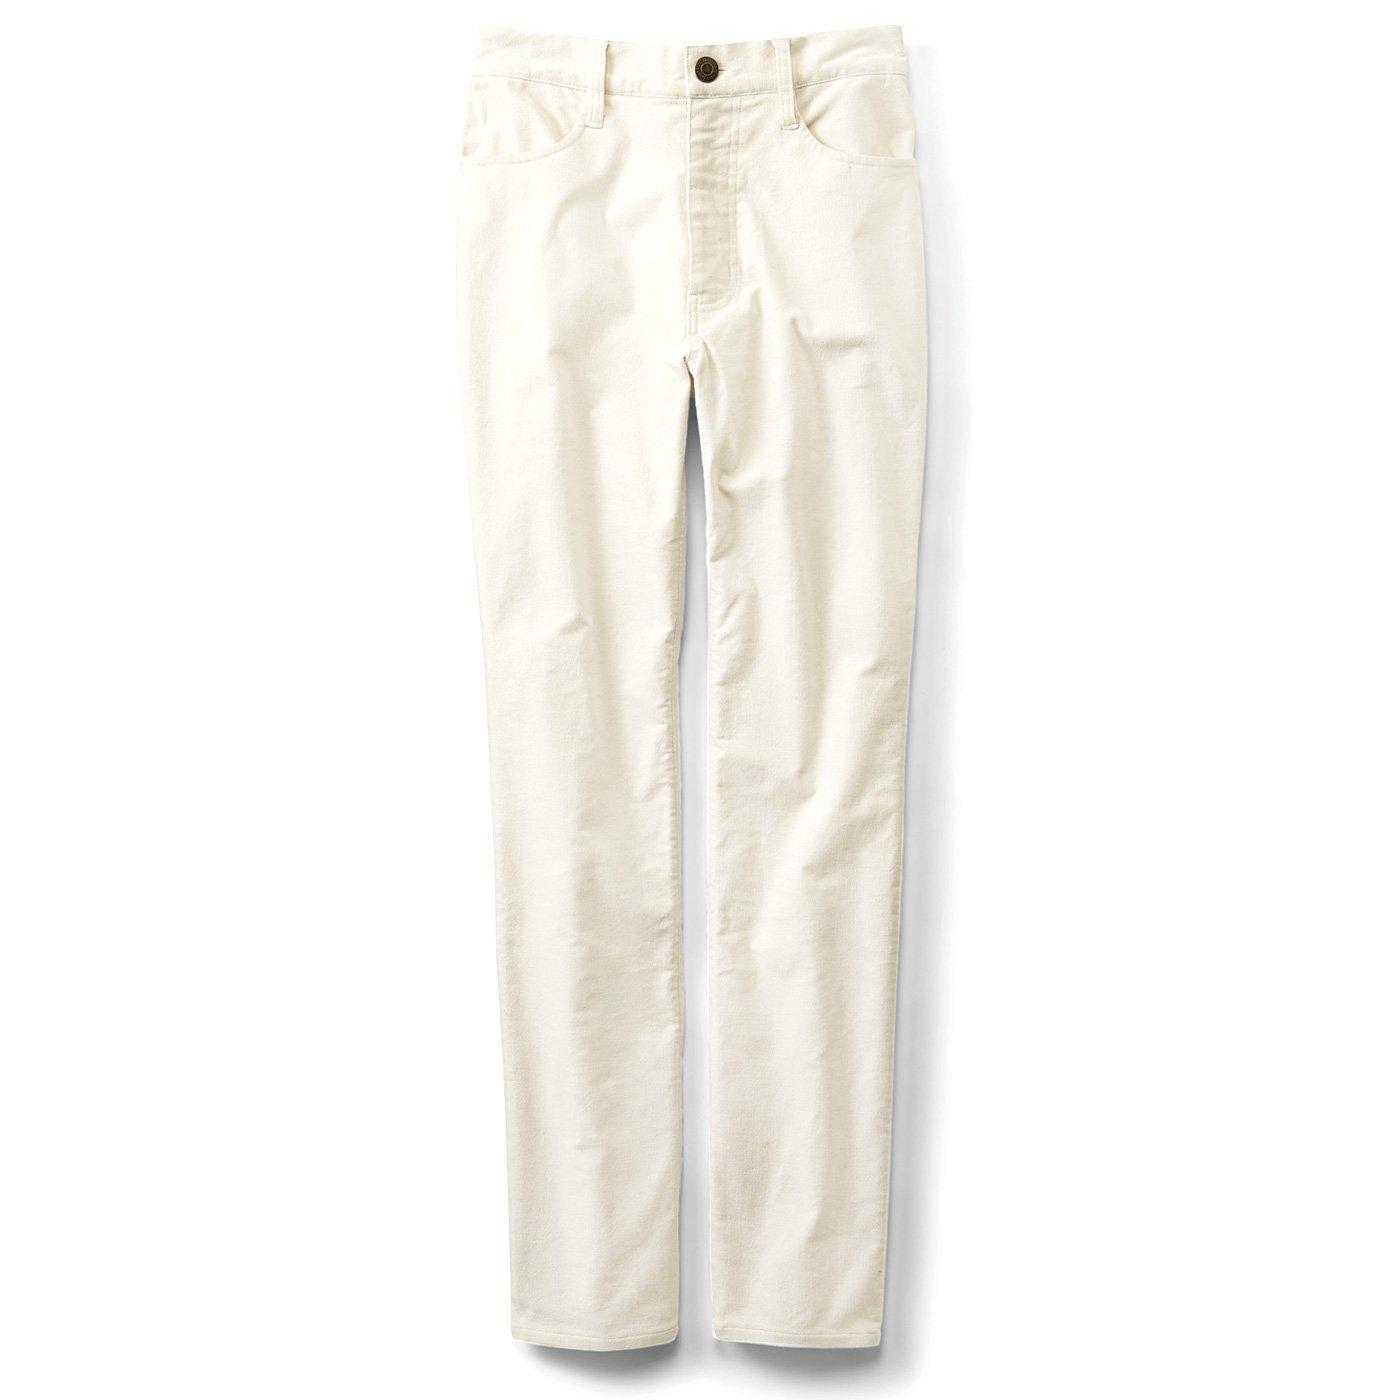 【3~10日でお届け】リブ イン コンフォート ダウンをはいて出かけよう! 後ろダウン仕様の暖か別珍パンツ〈ホワイト〉